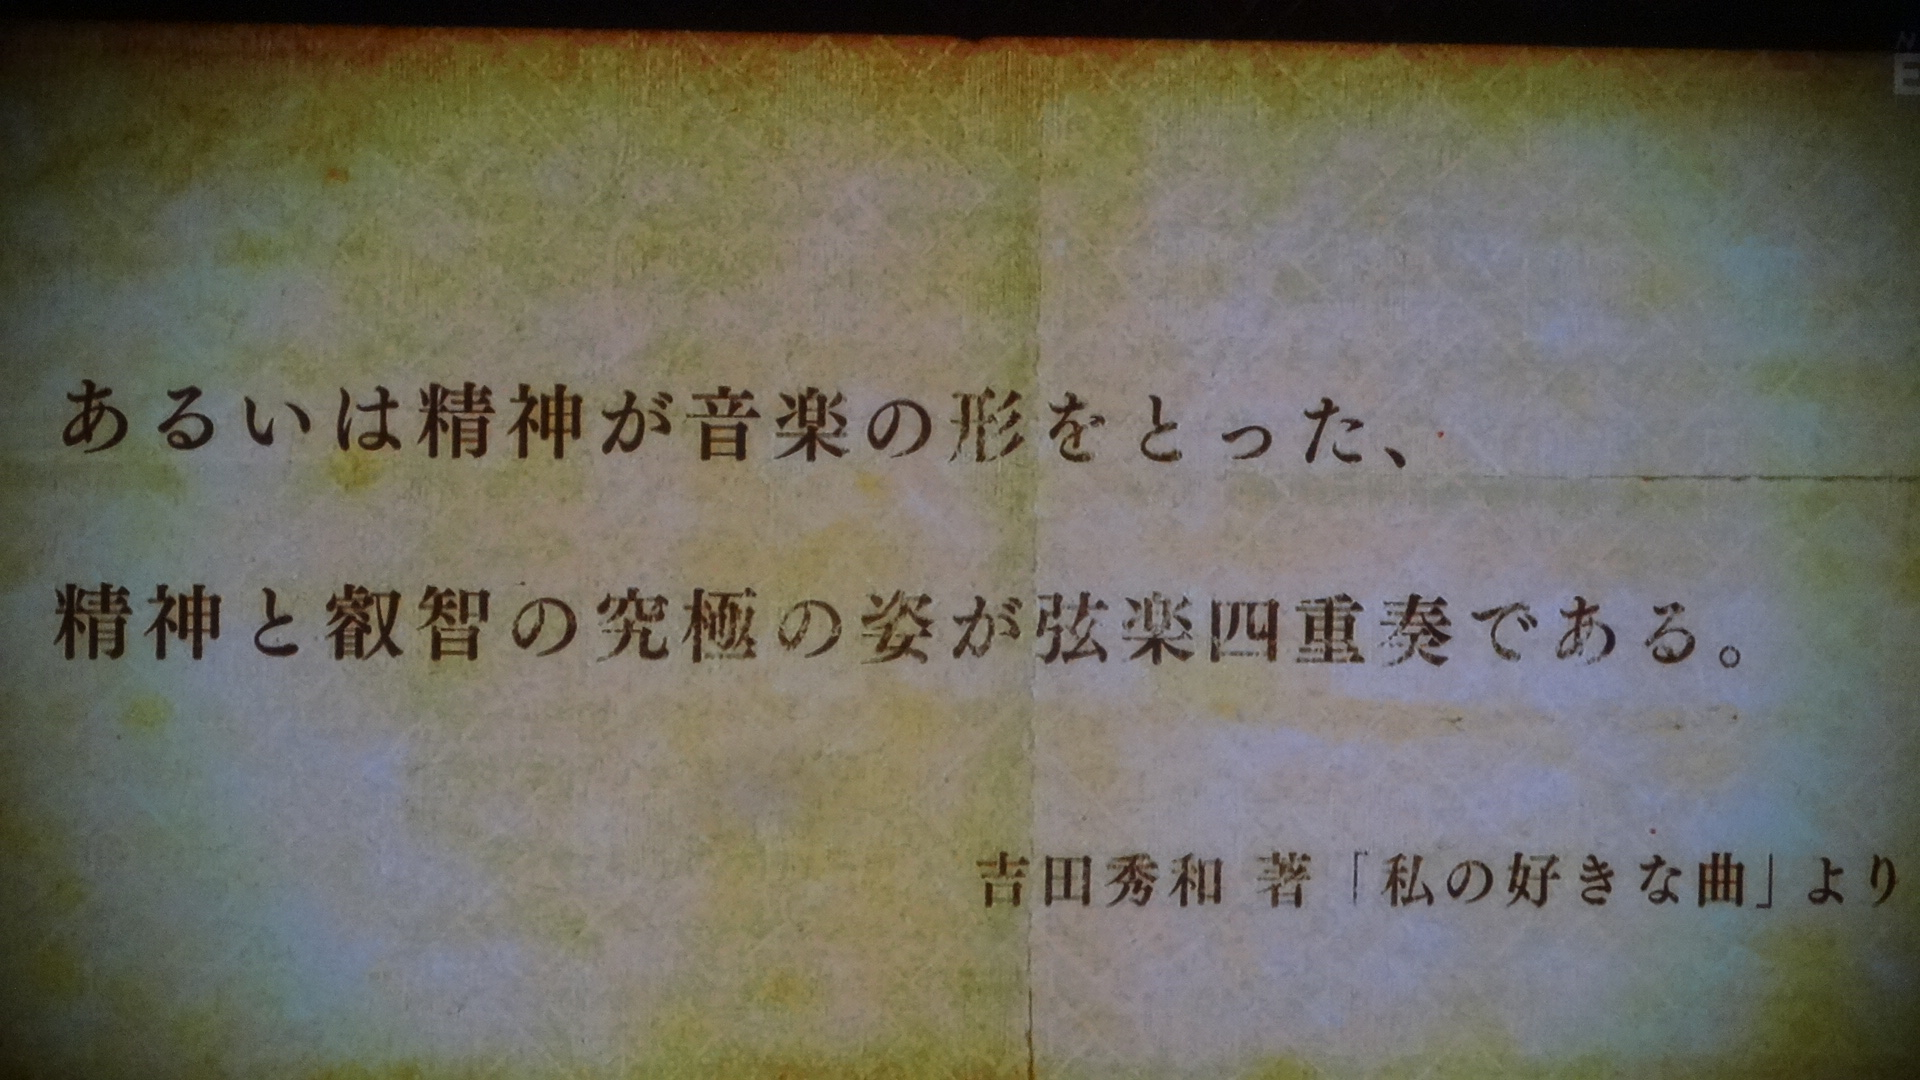 弦楽四重奏について吉田秀和さんが語った言葉が記されたカード2